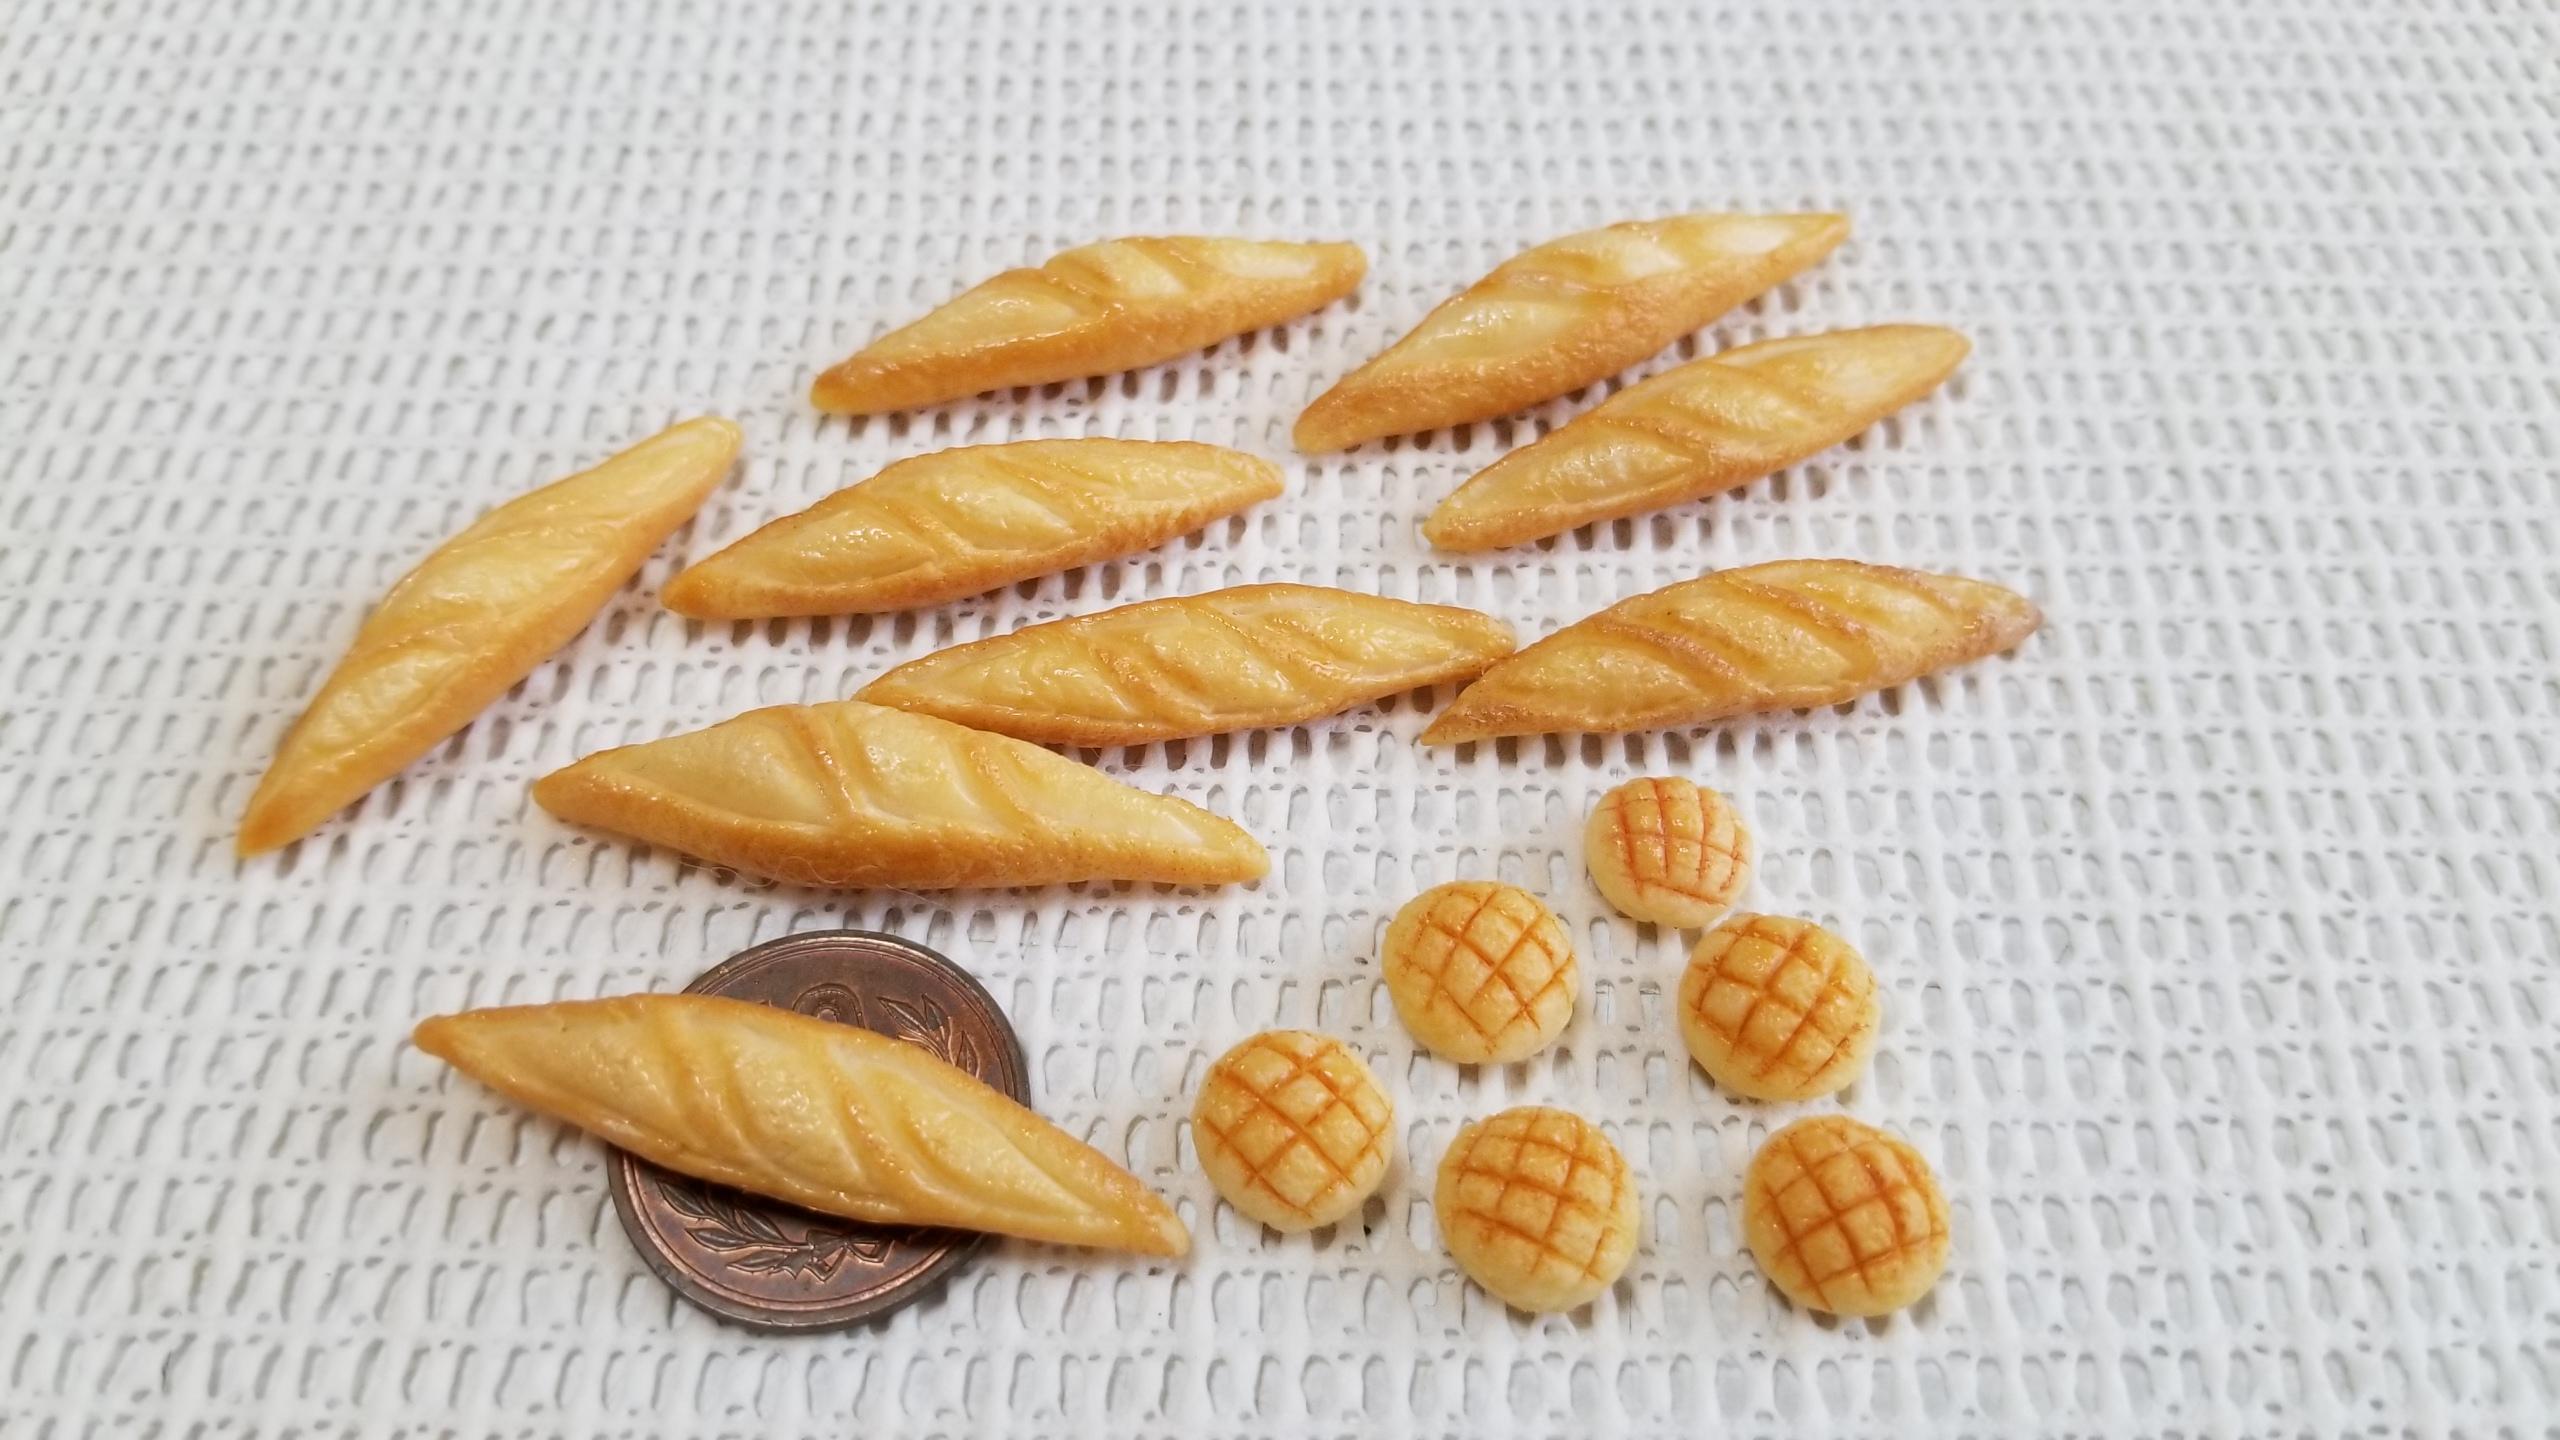 ミニチュア, パン, メロンパン, バケット, 樹脂粘土, 食品サンプル